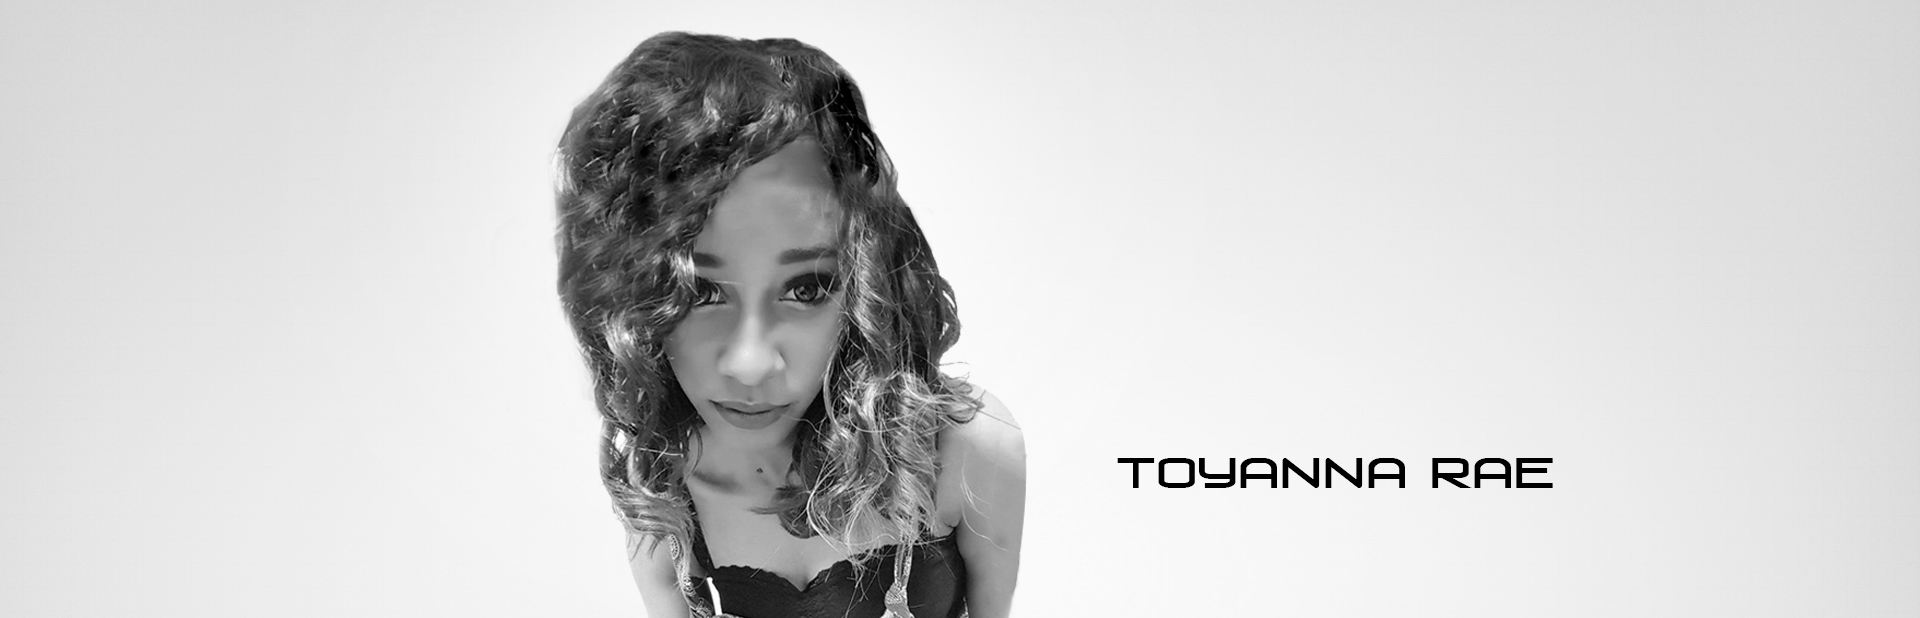 Toyanna-Rae-2